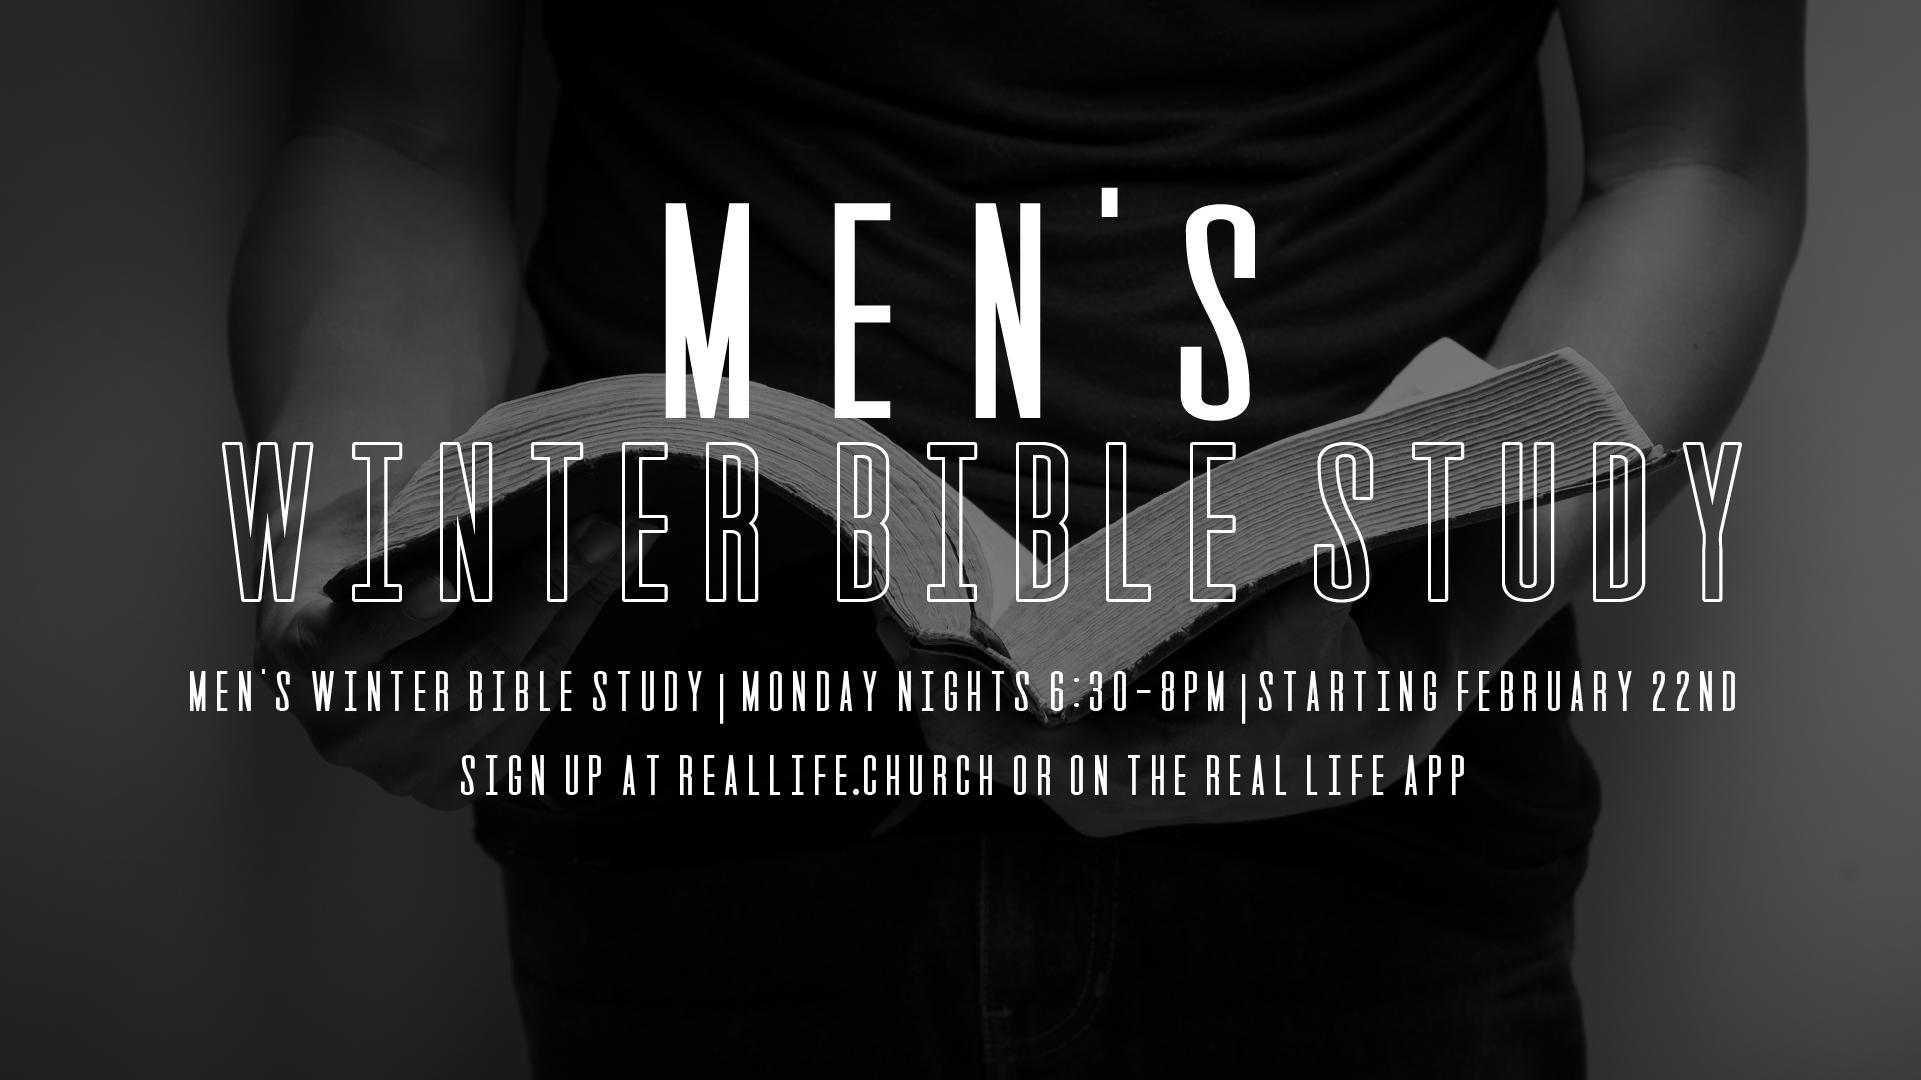 Men's Winter Bible Study